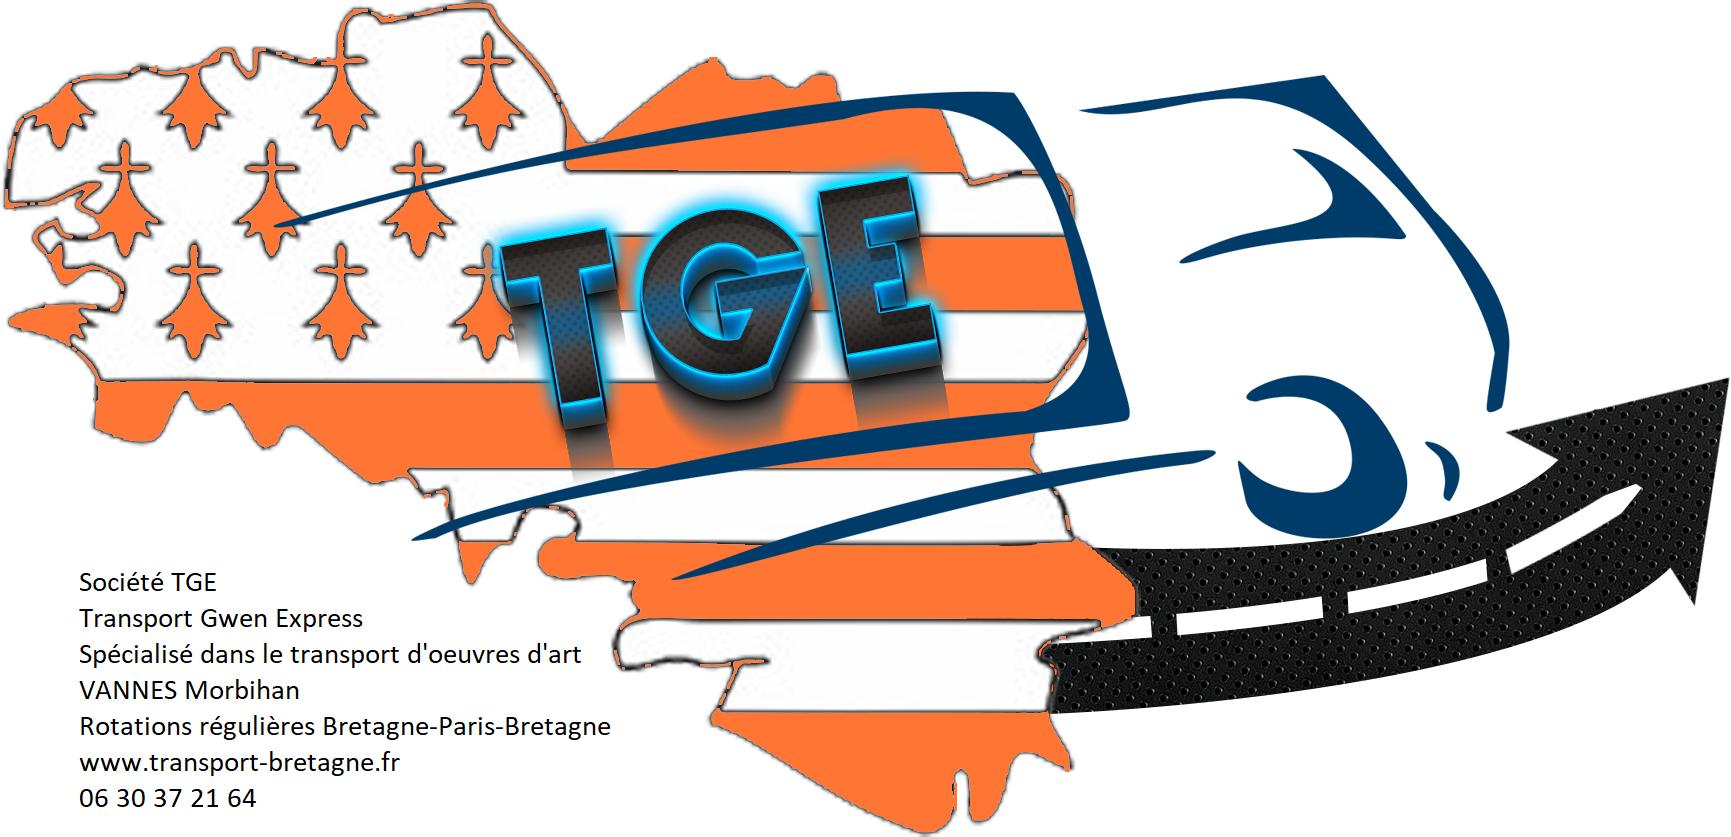 Prochain transport groupé et partagé entre la Bretagne – l'Île de France – La Bretagne le Jeudi 10 et le Vendredi 11 Décembre 2020